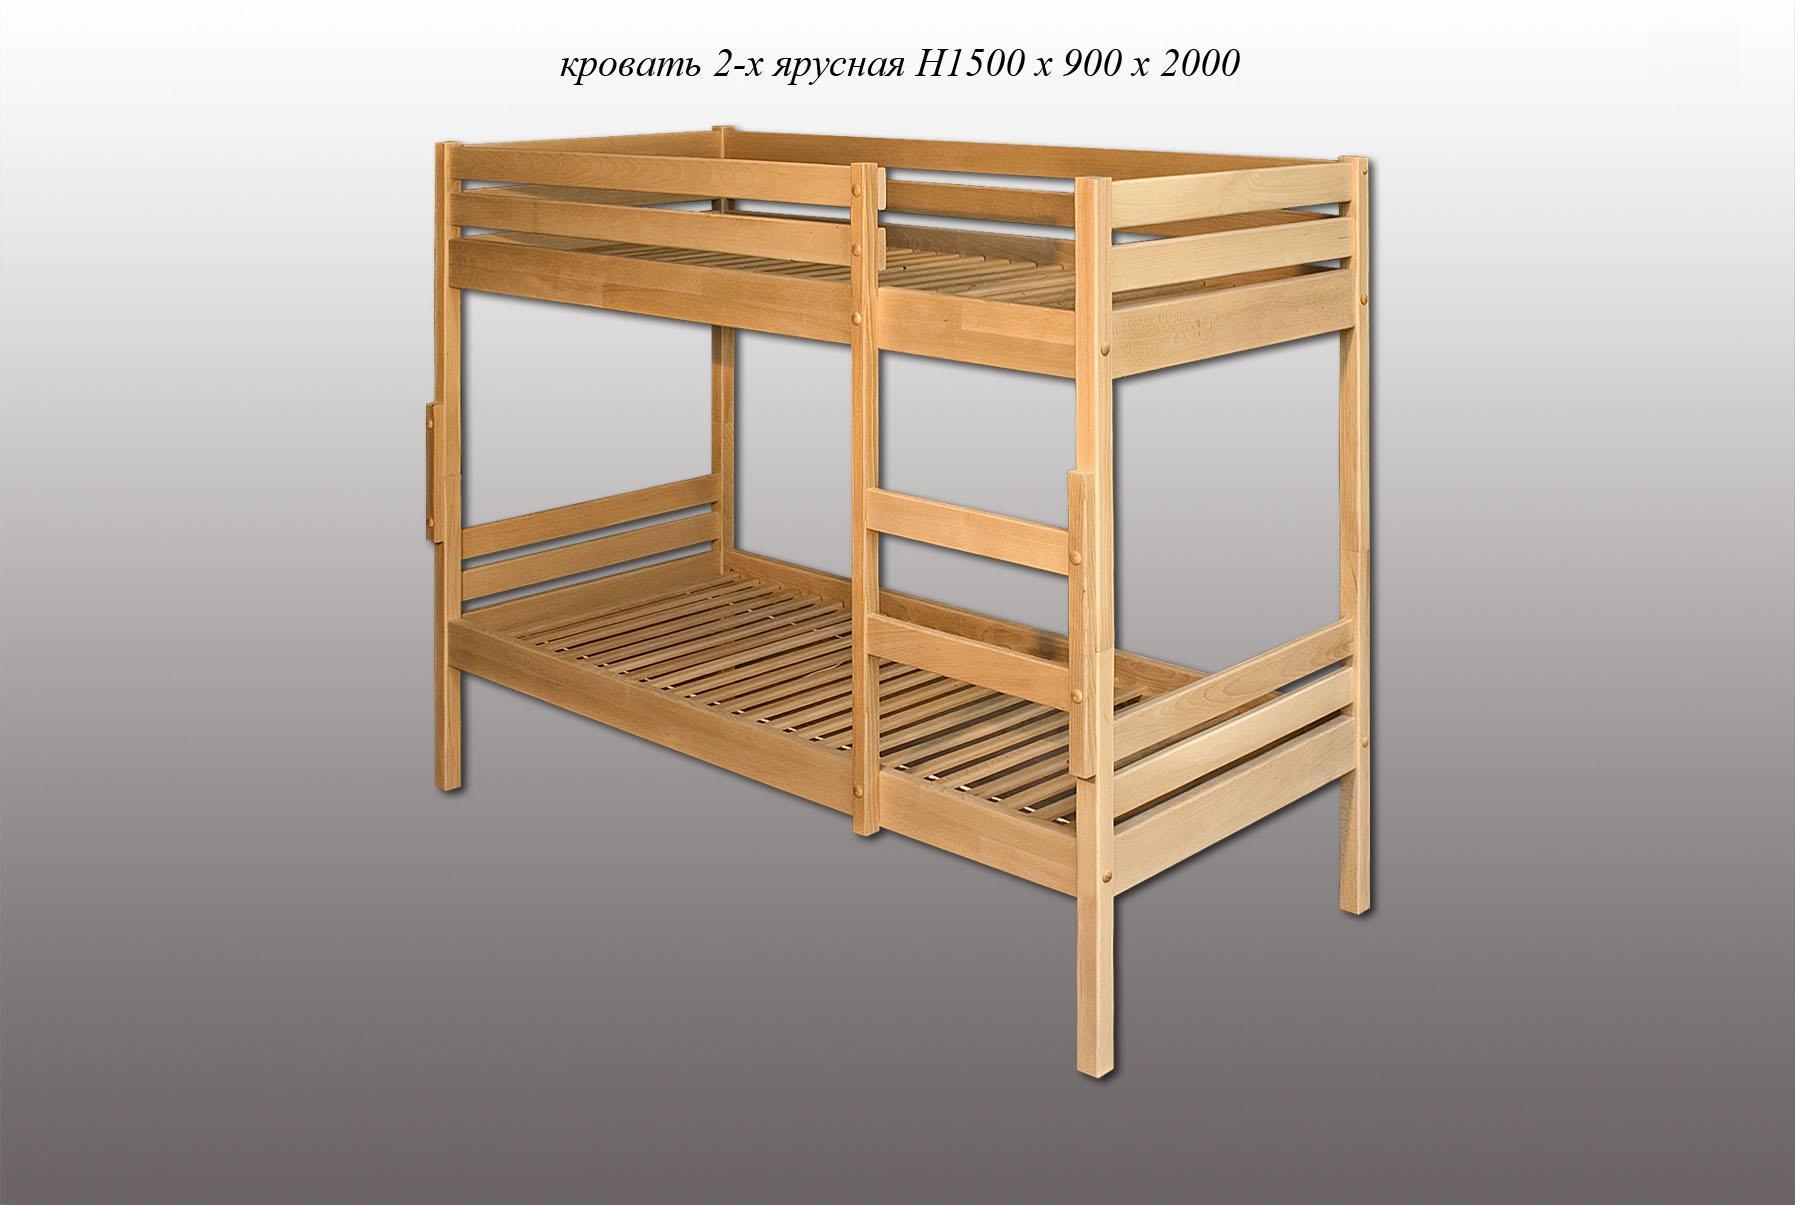 Размеры двухъярусной кровати для детей фото